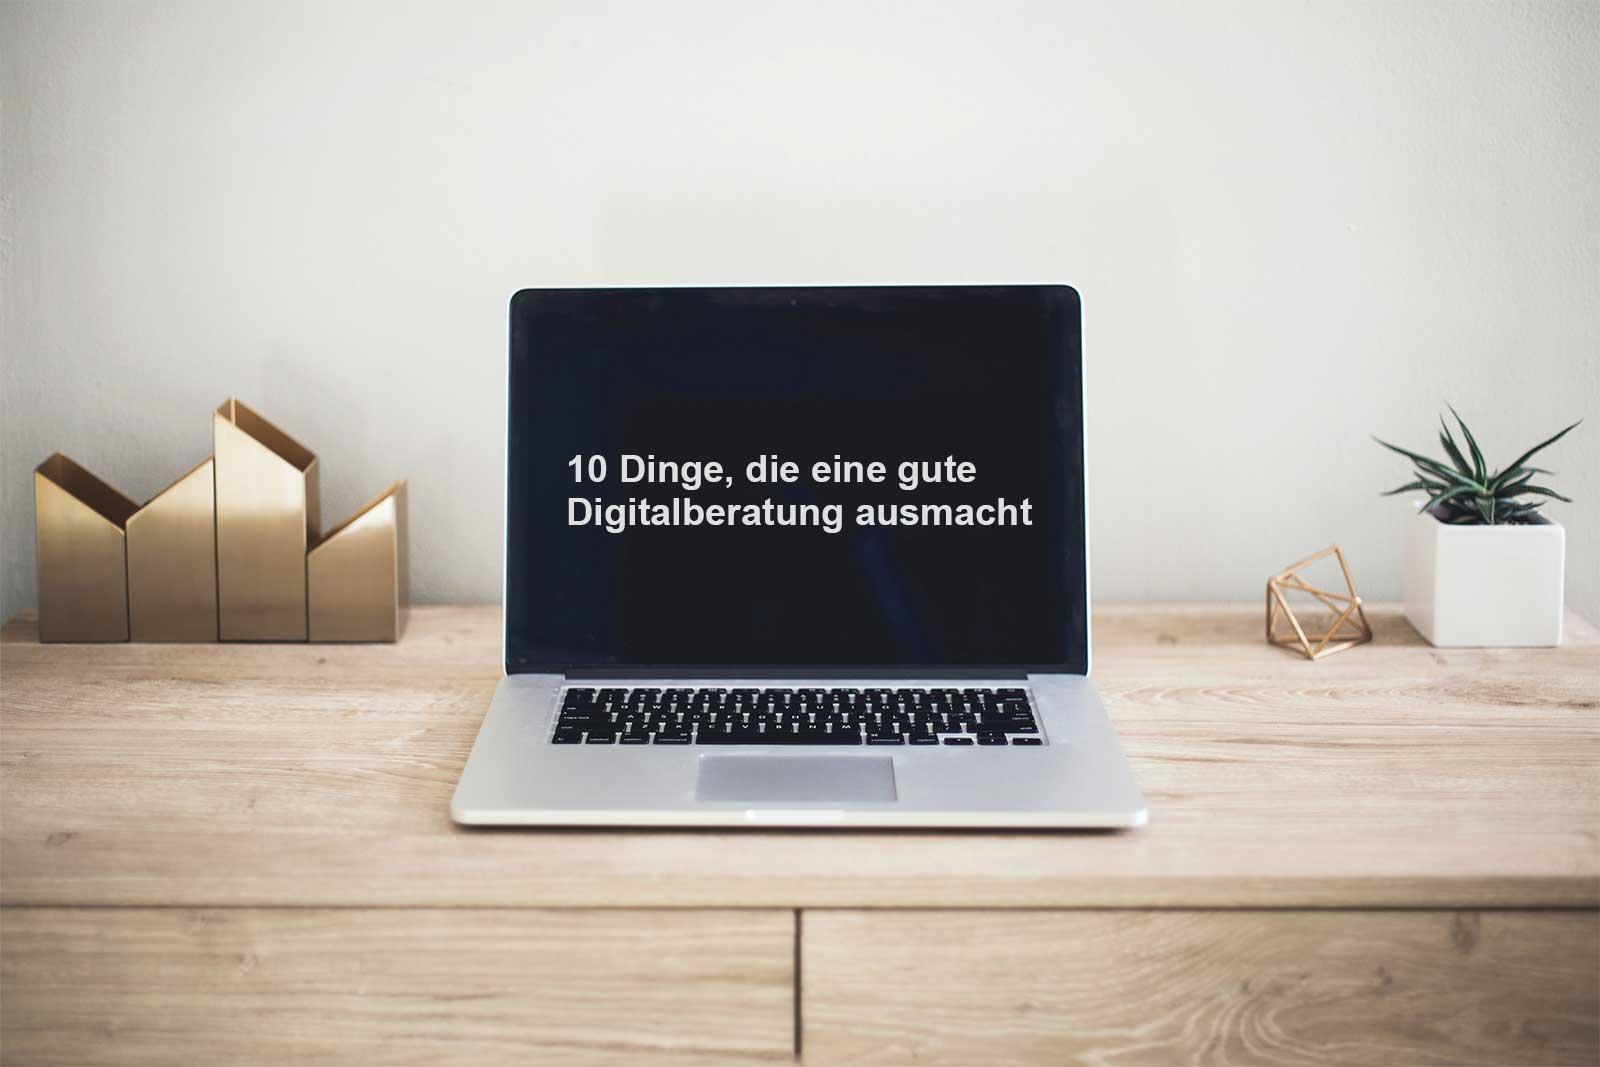 Digitalberatung: 10 Dinge, die auf Qualität schließen lassen